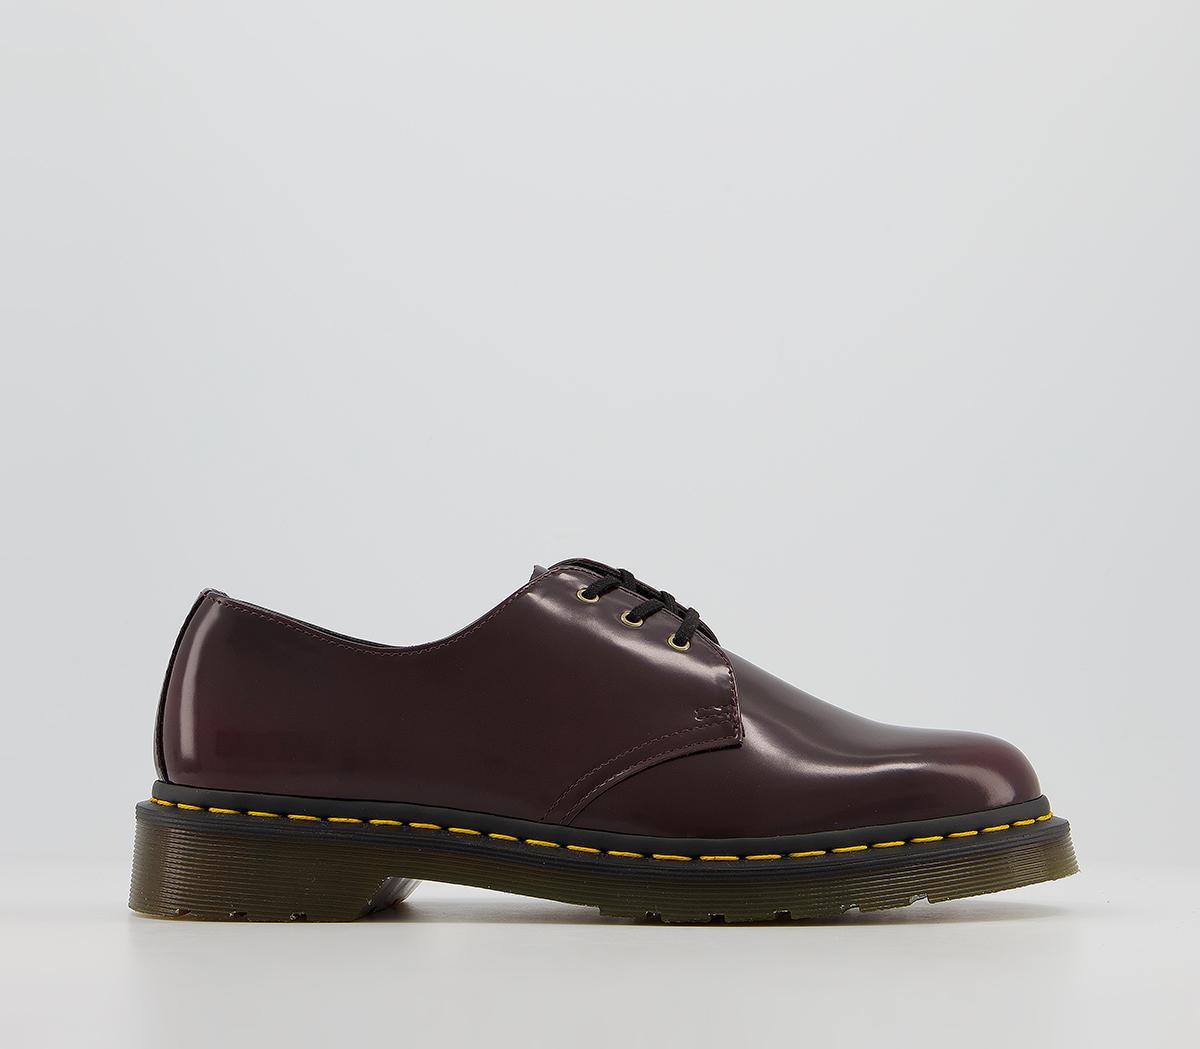 Vegan 1461 3 Eye Shoes